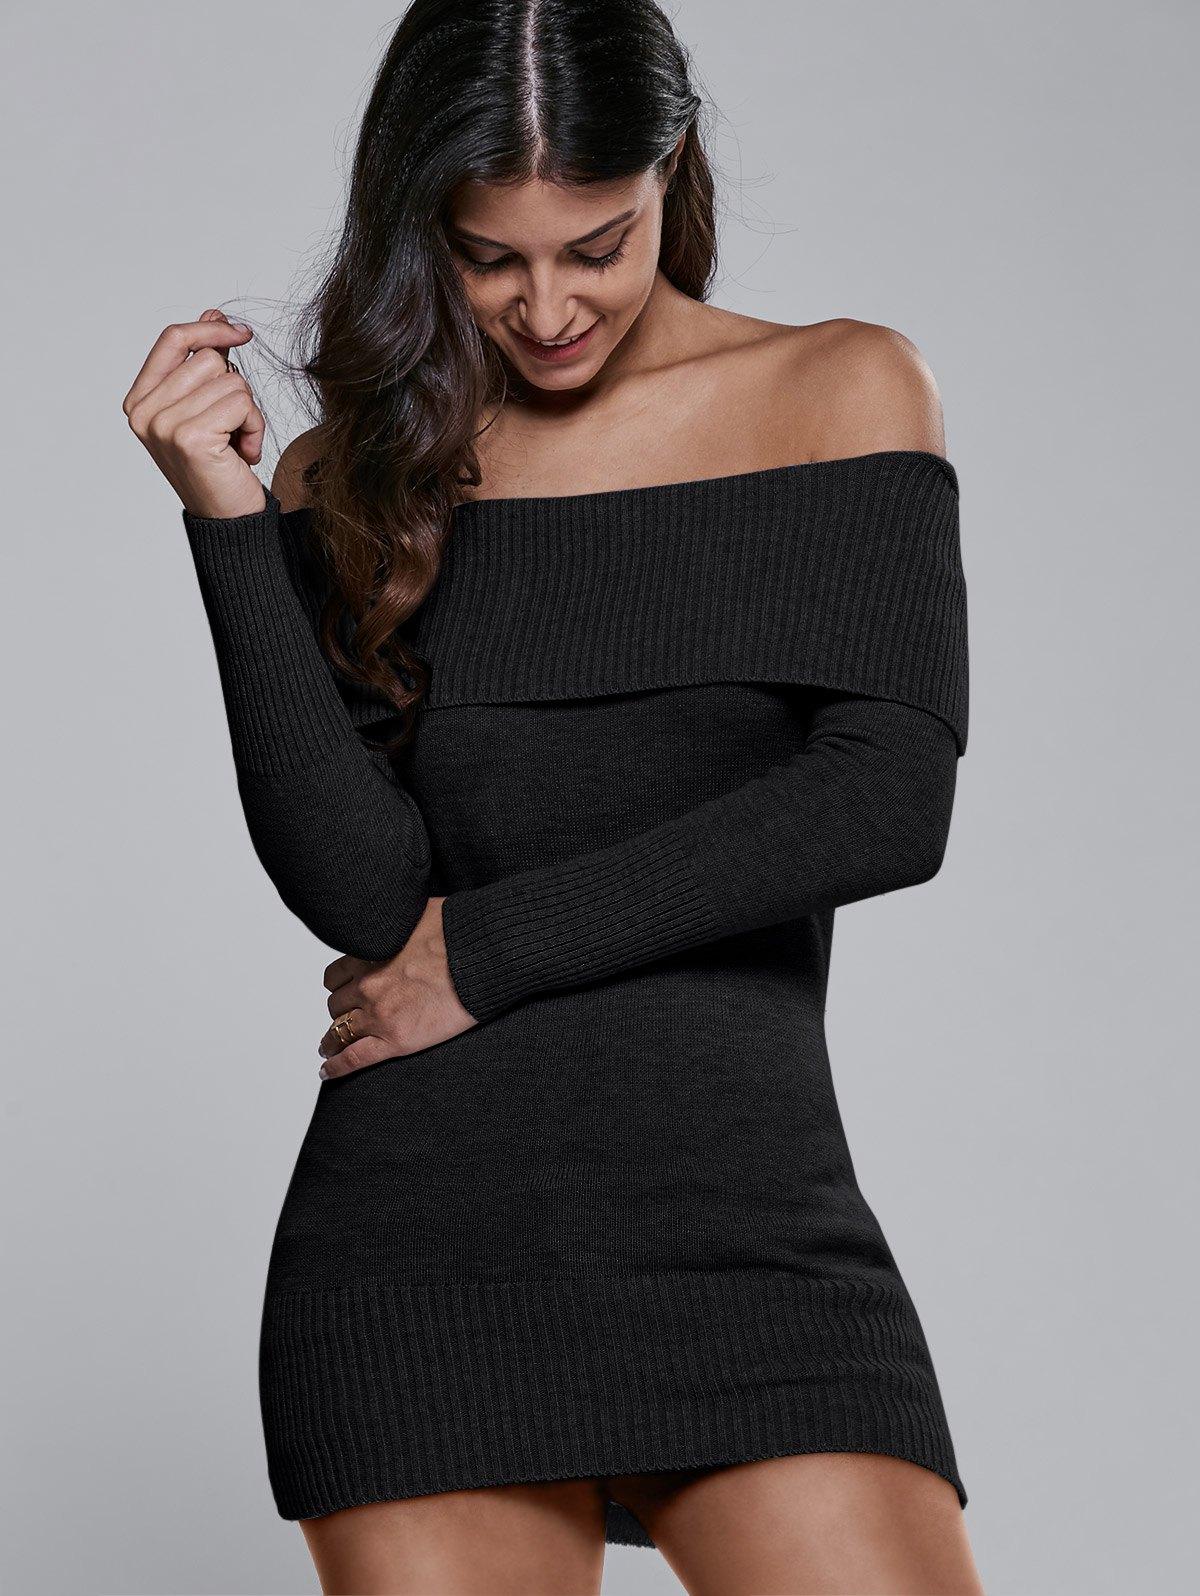 Off One Shoulder Black Sweater Dress